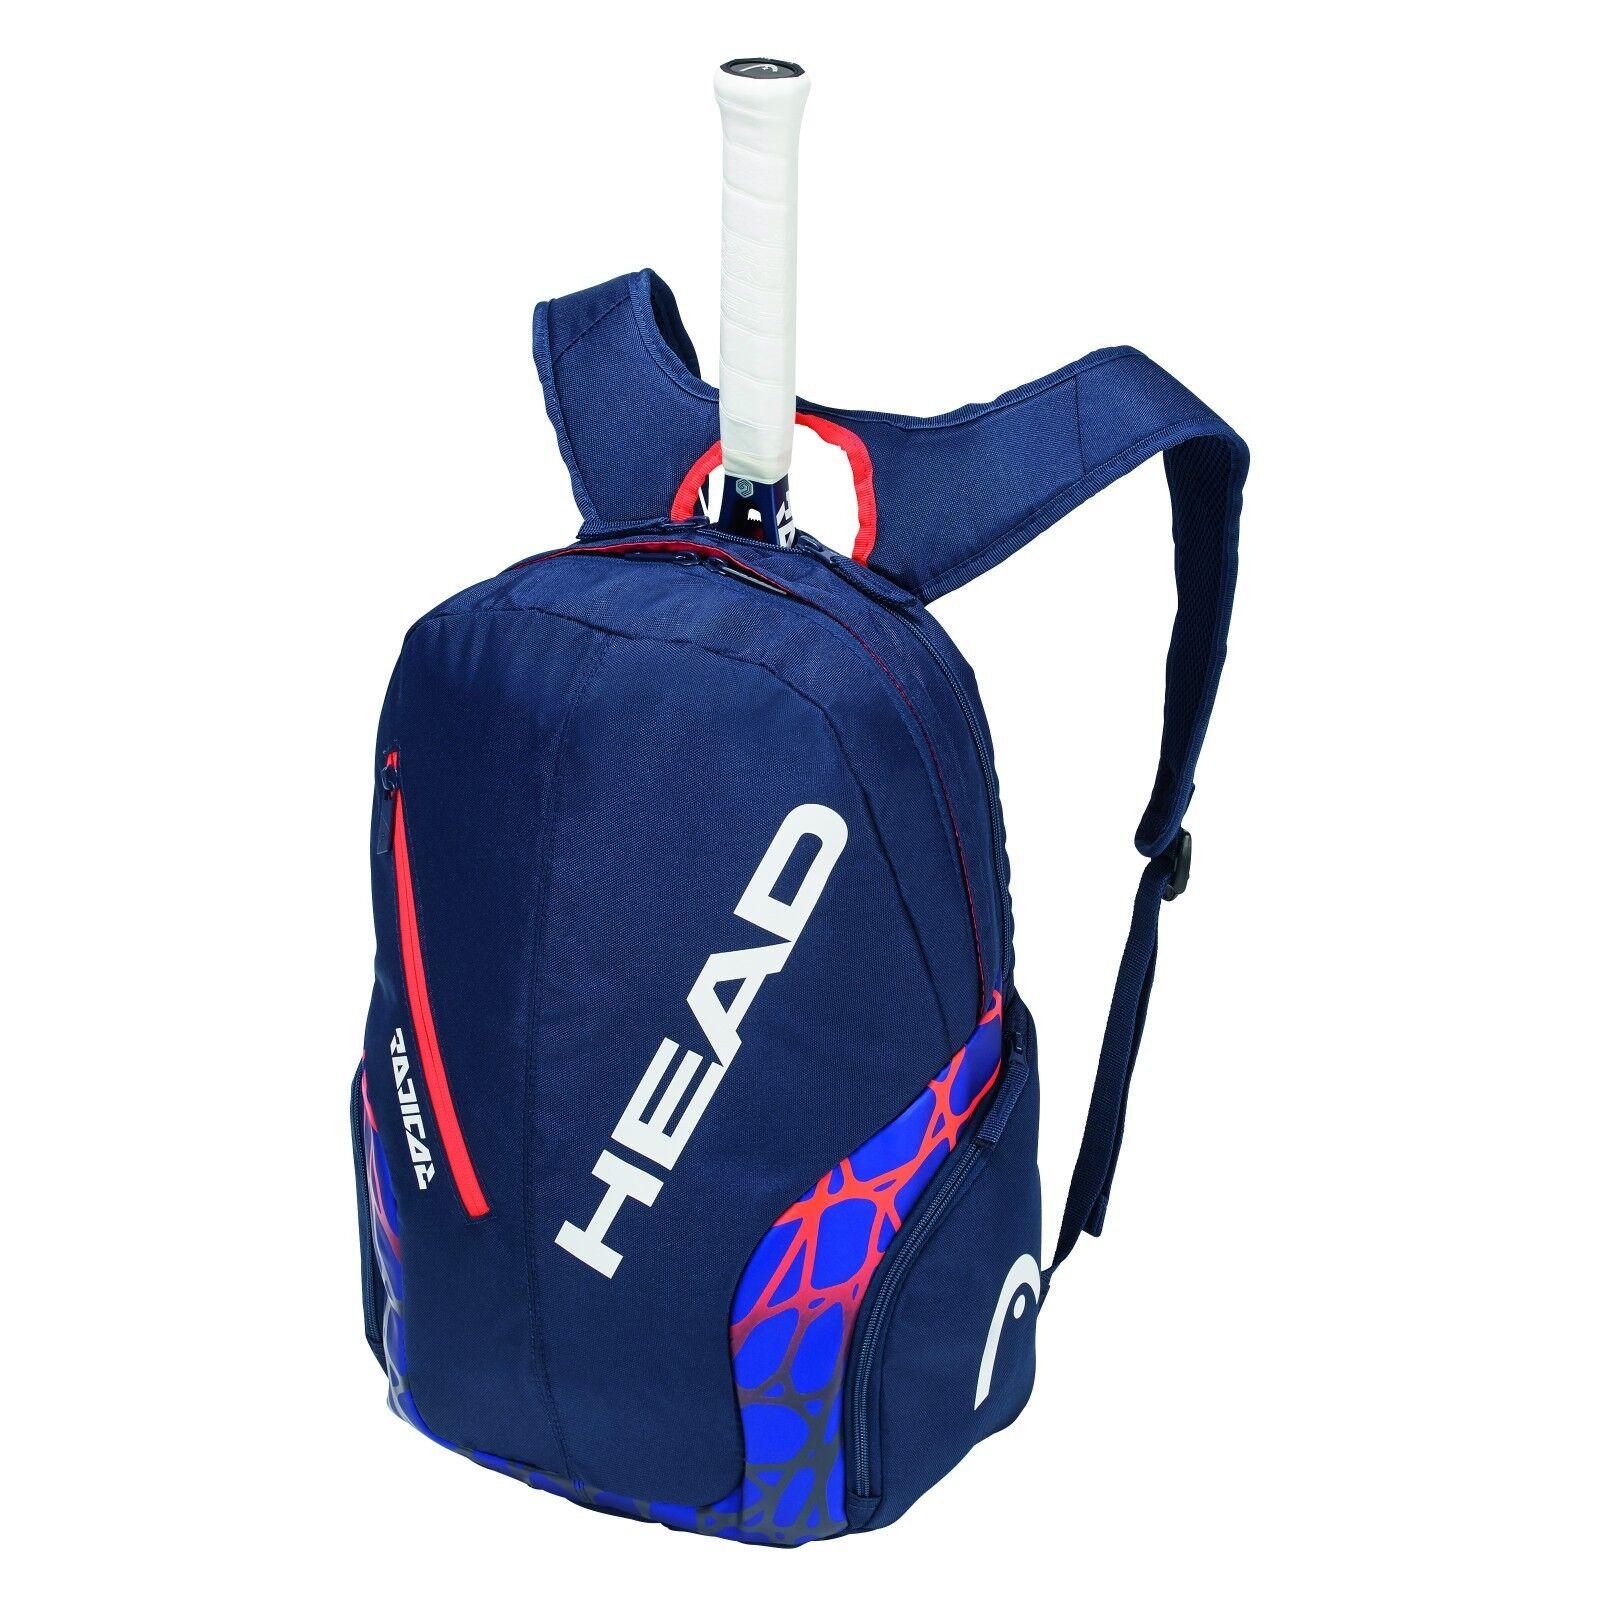 Nuovo Head Head Head Radical Rebel Backpack molto accessoriato d3c01f